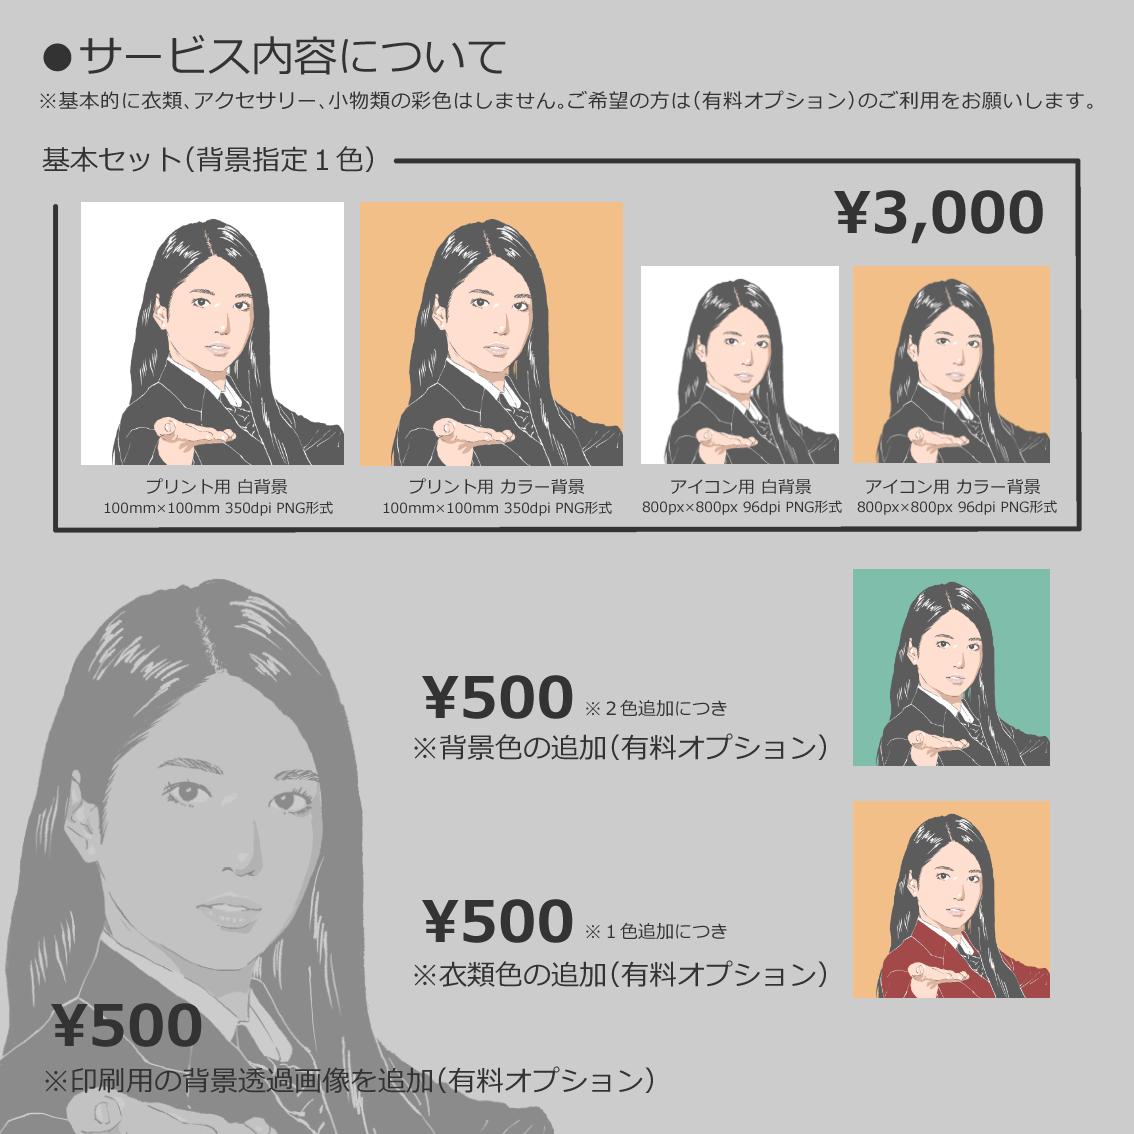 あなたの顔写真をセル画風イラストにアレンジします SNSアイコン、名刺、ポストカード等、使いかた色々!